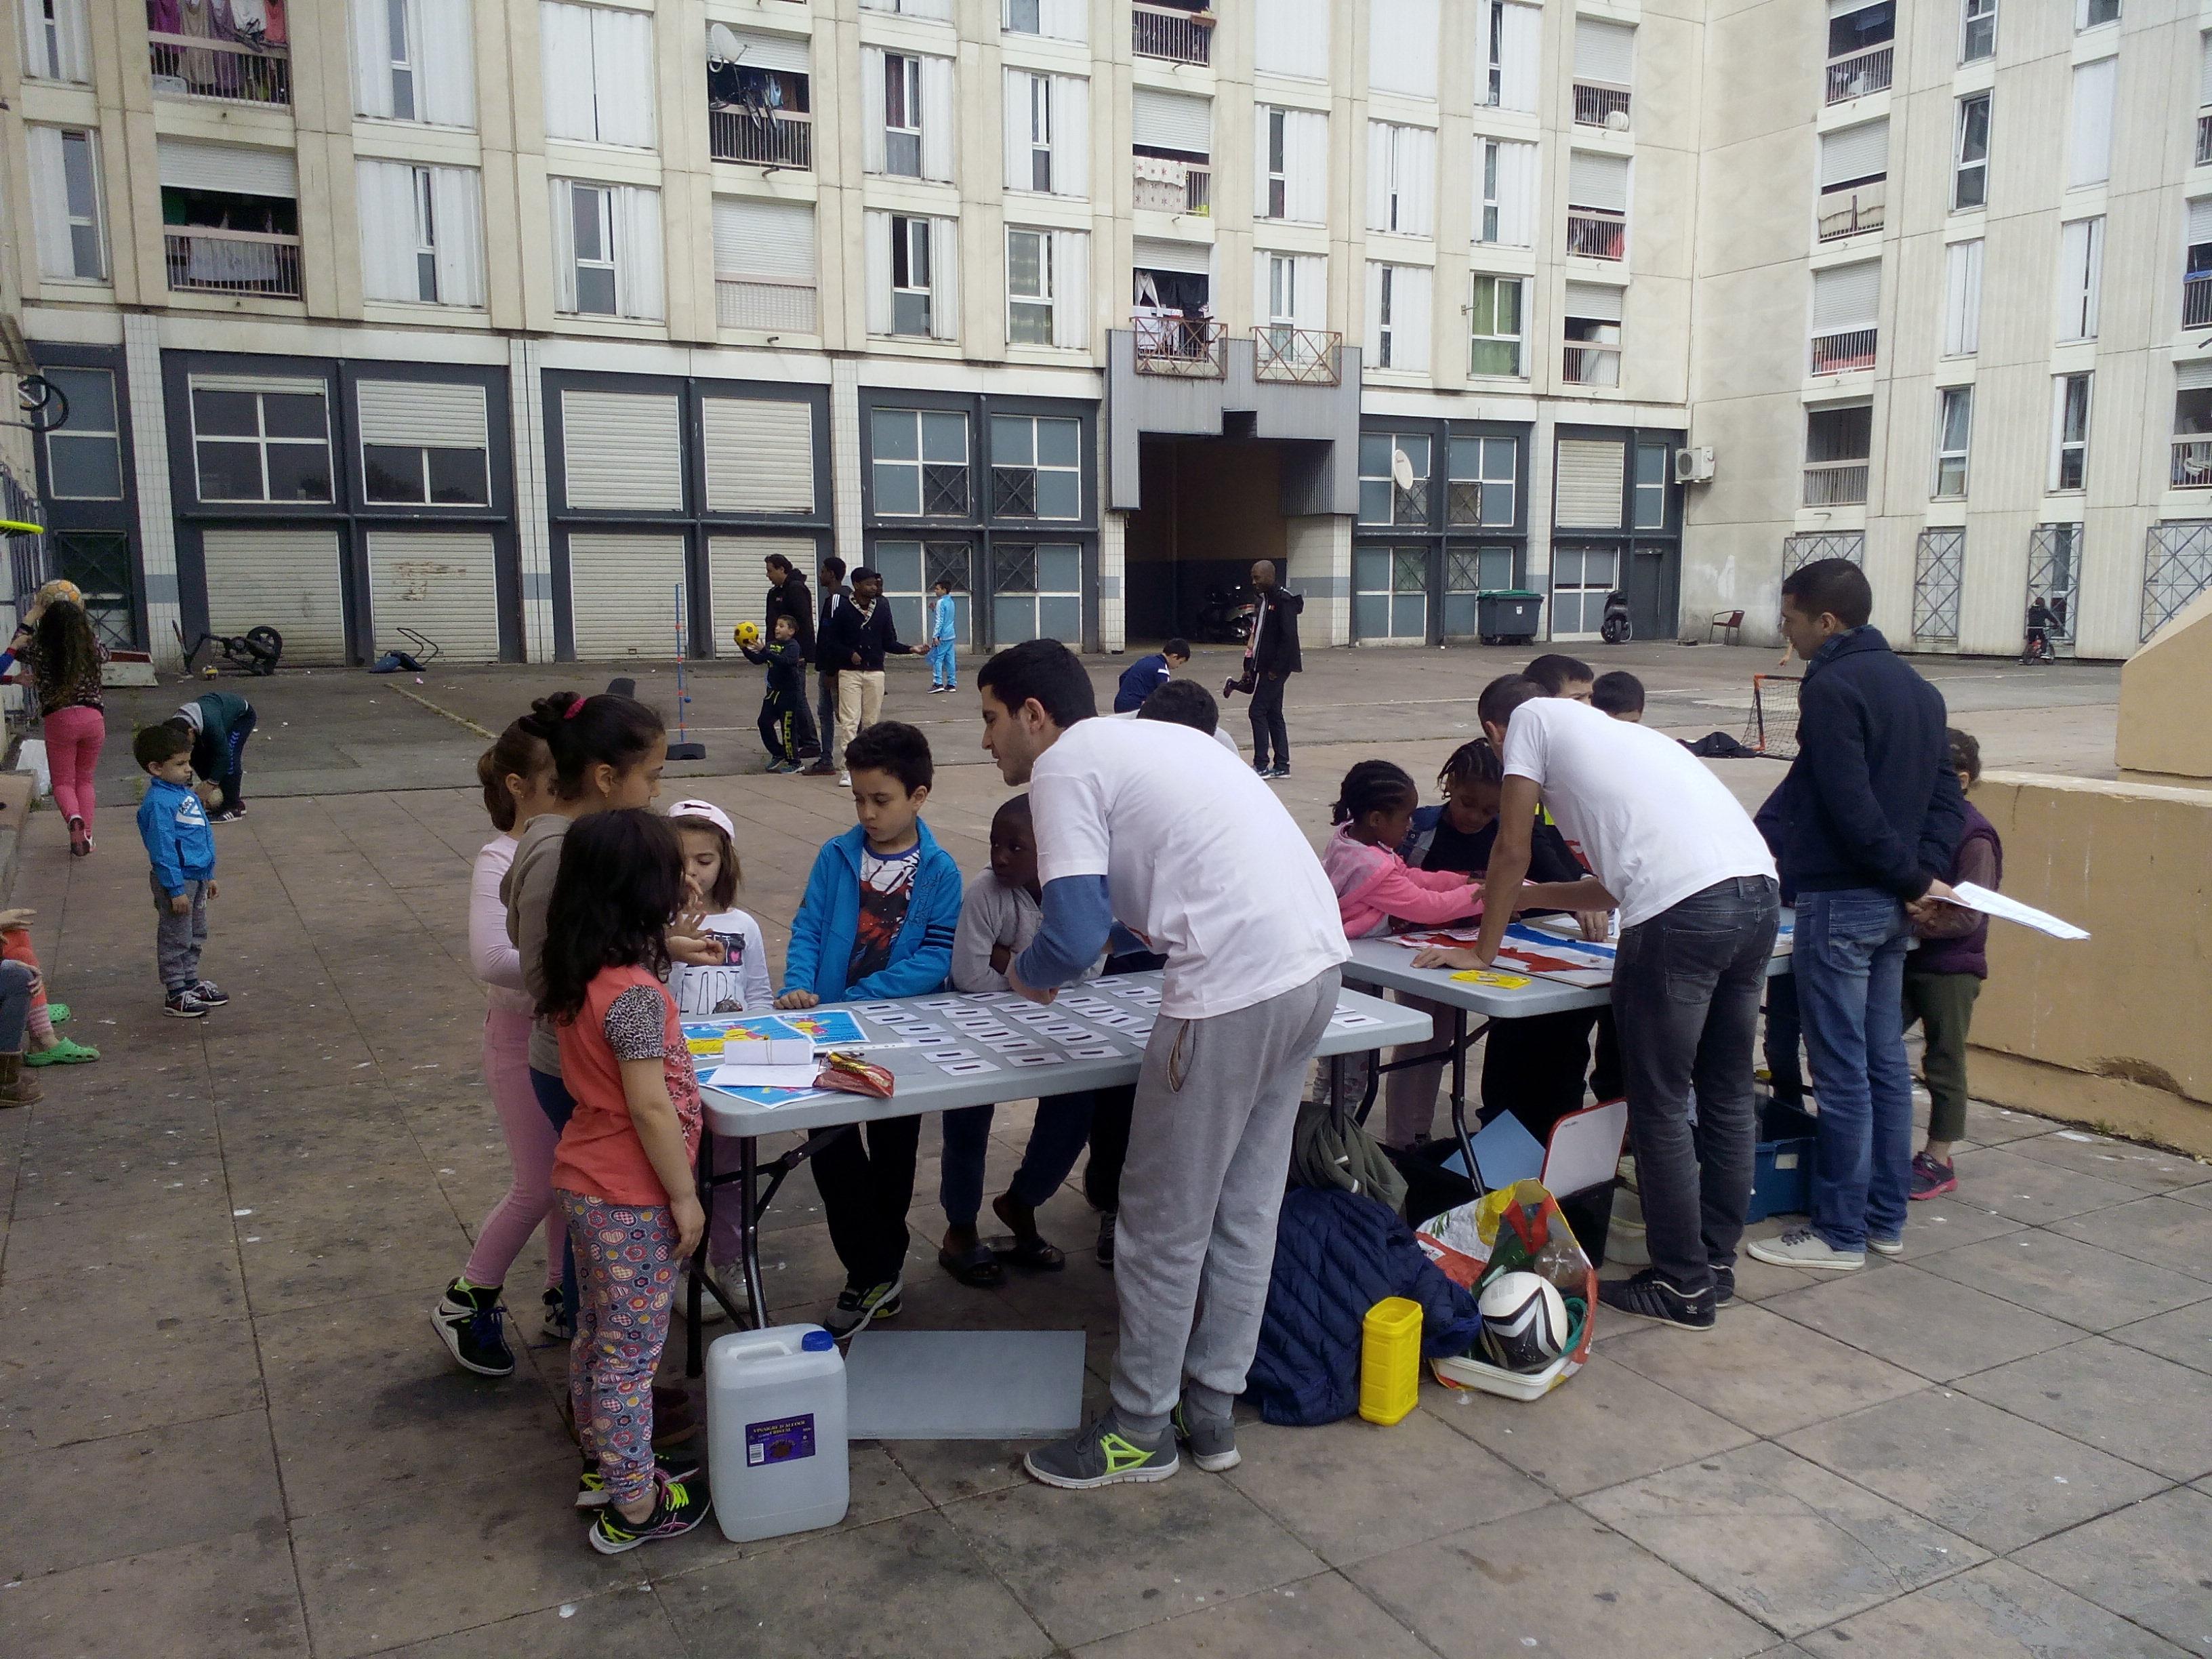 La Ville De Marseille Service Concours